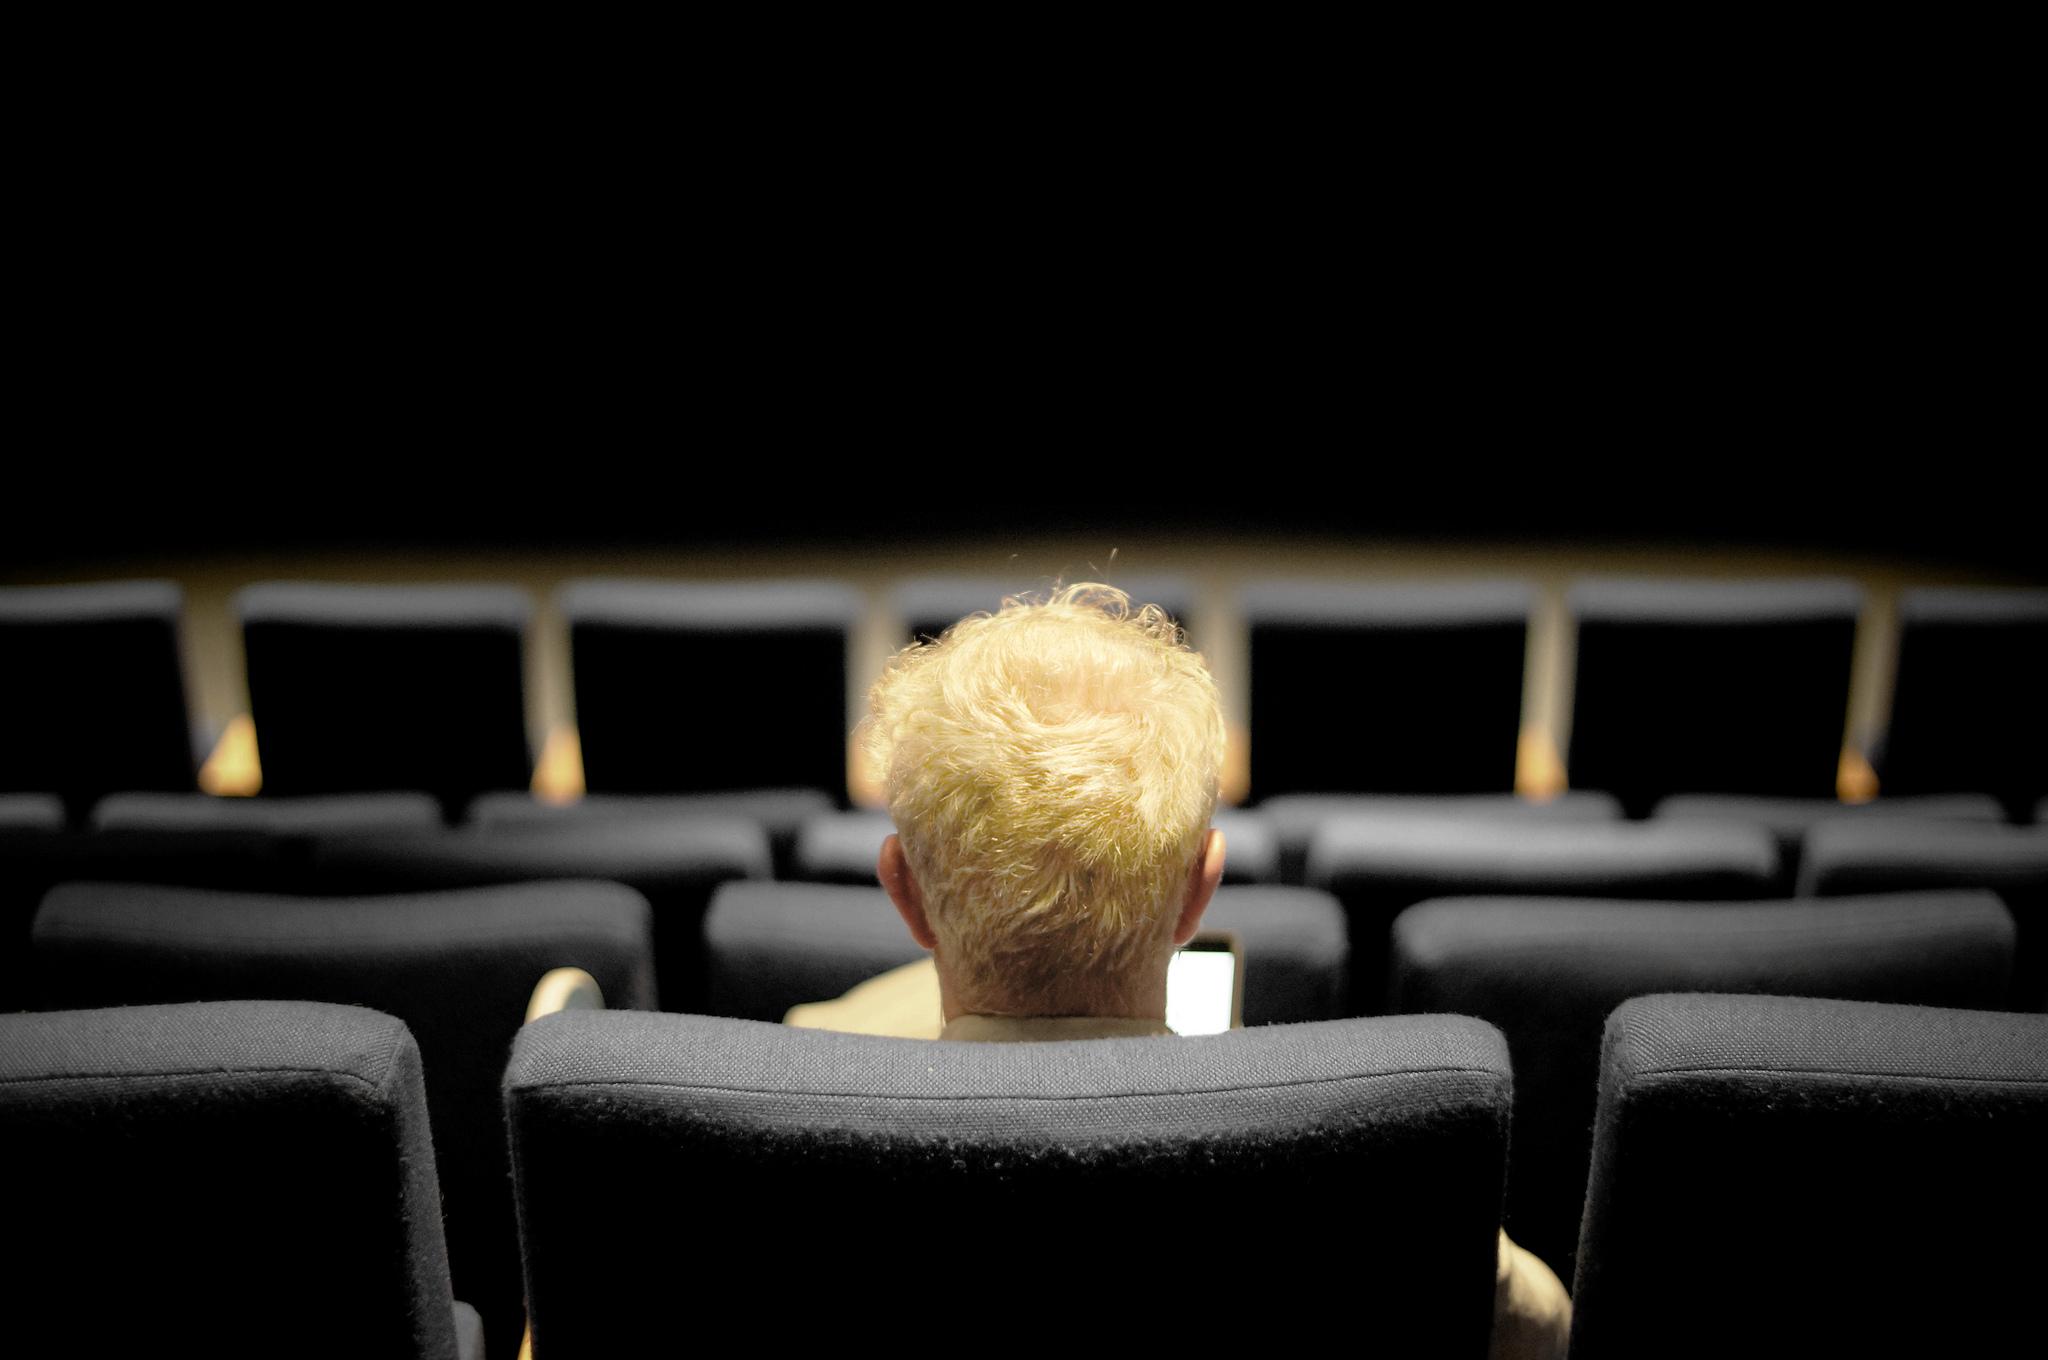 kino siedzenia muzyka